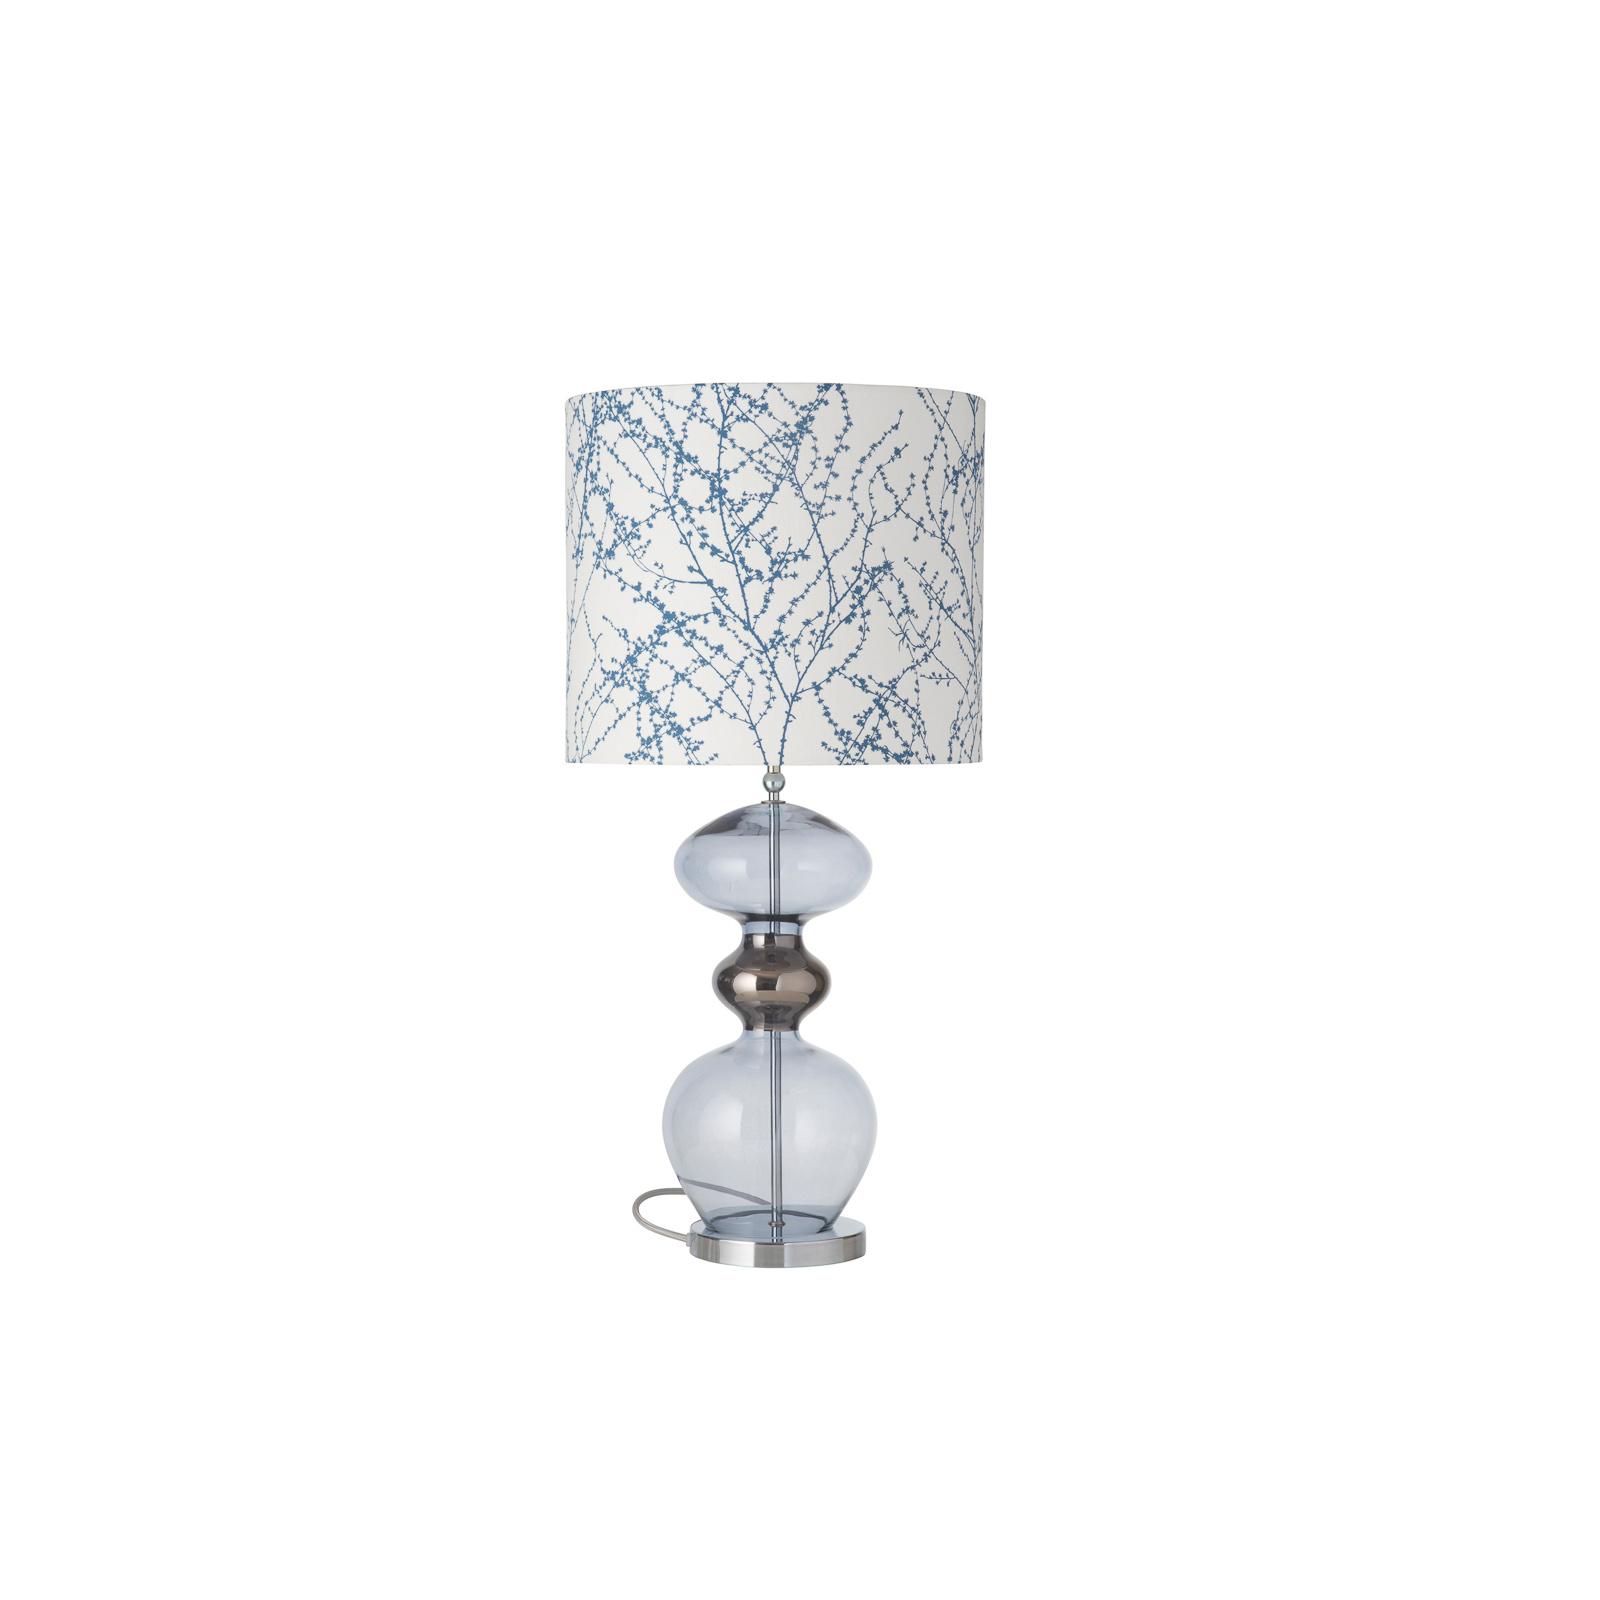 EBB & FLOW Futura lampe à poser, indigo bleu